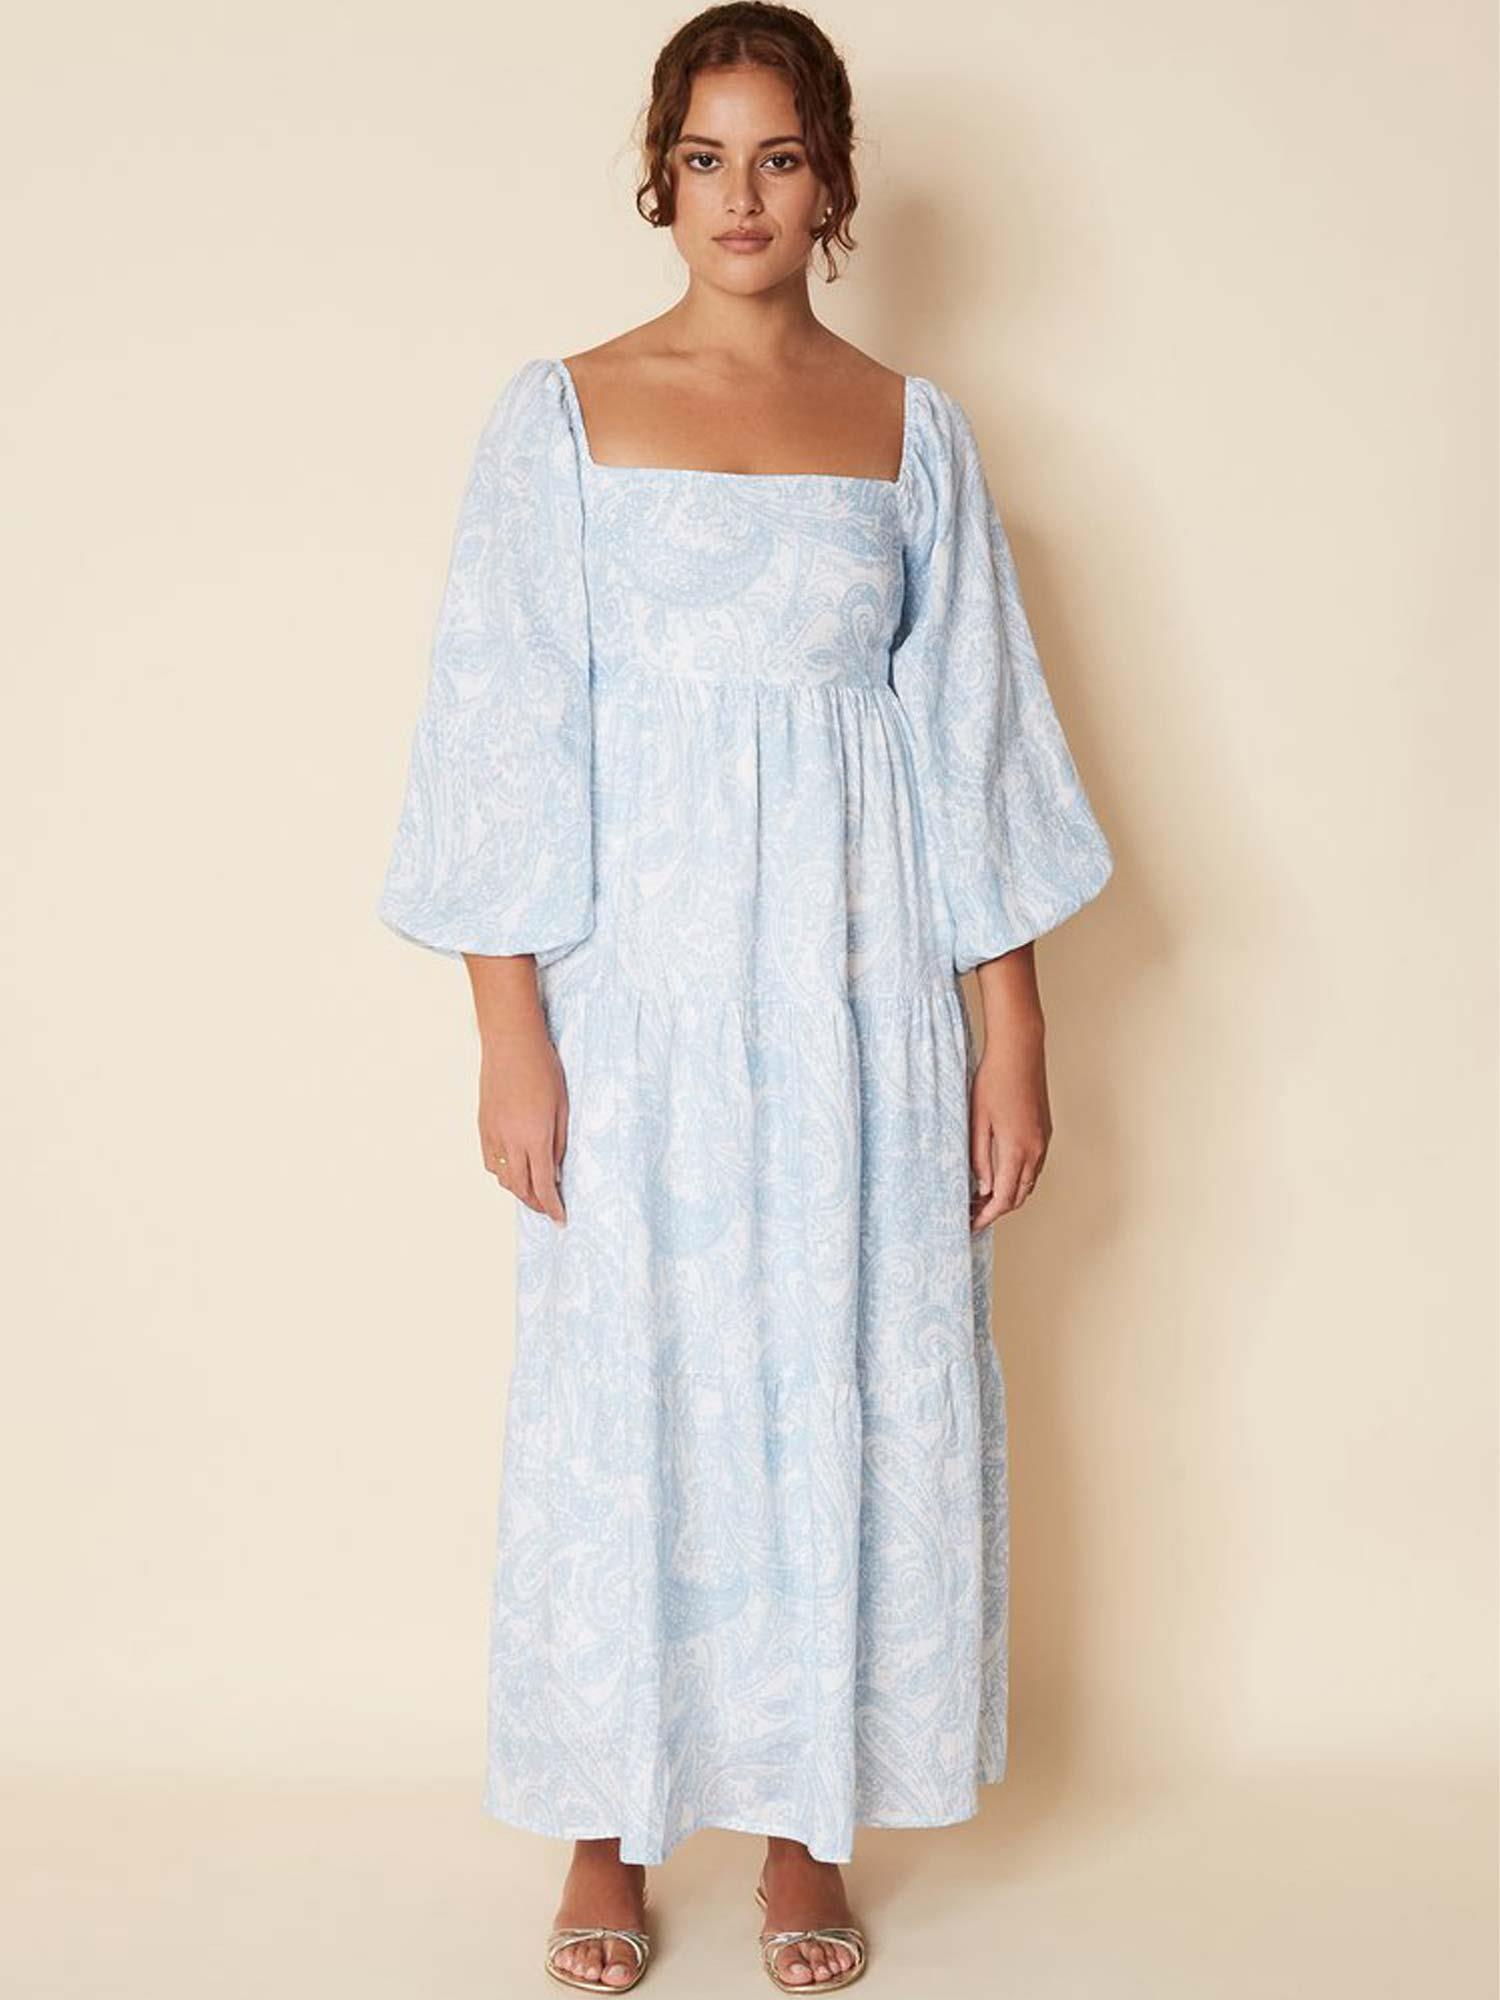 M&H toppliste: 13 pene kjoler til bryllup og sommerfester